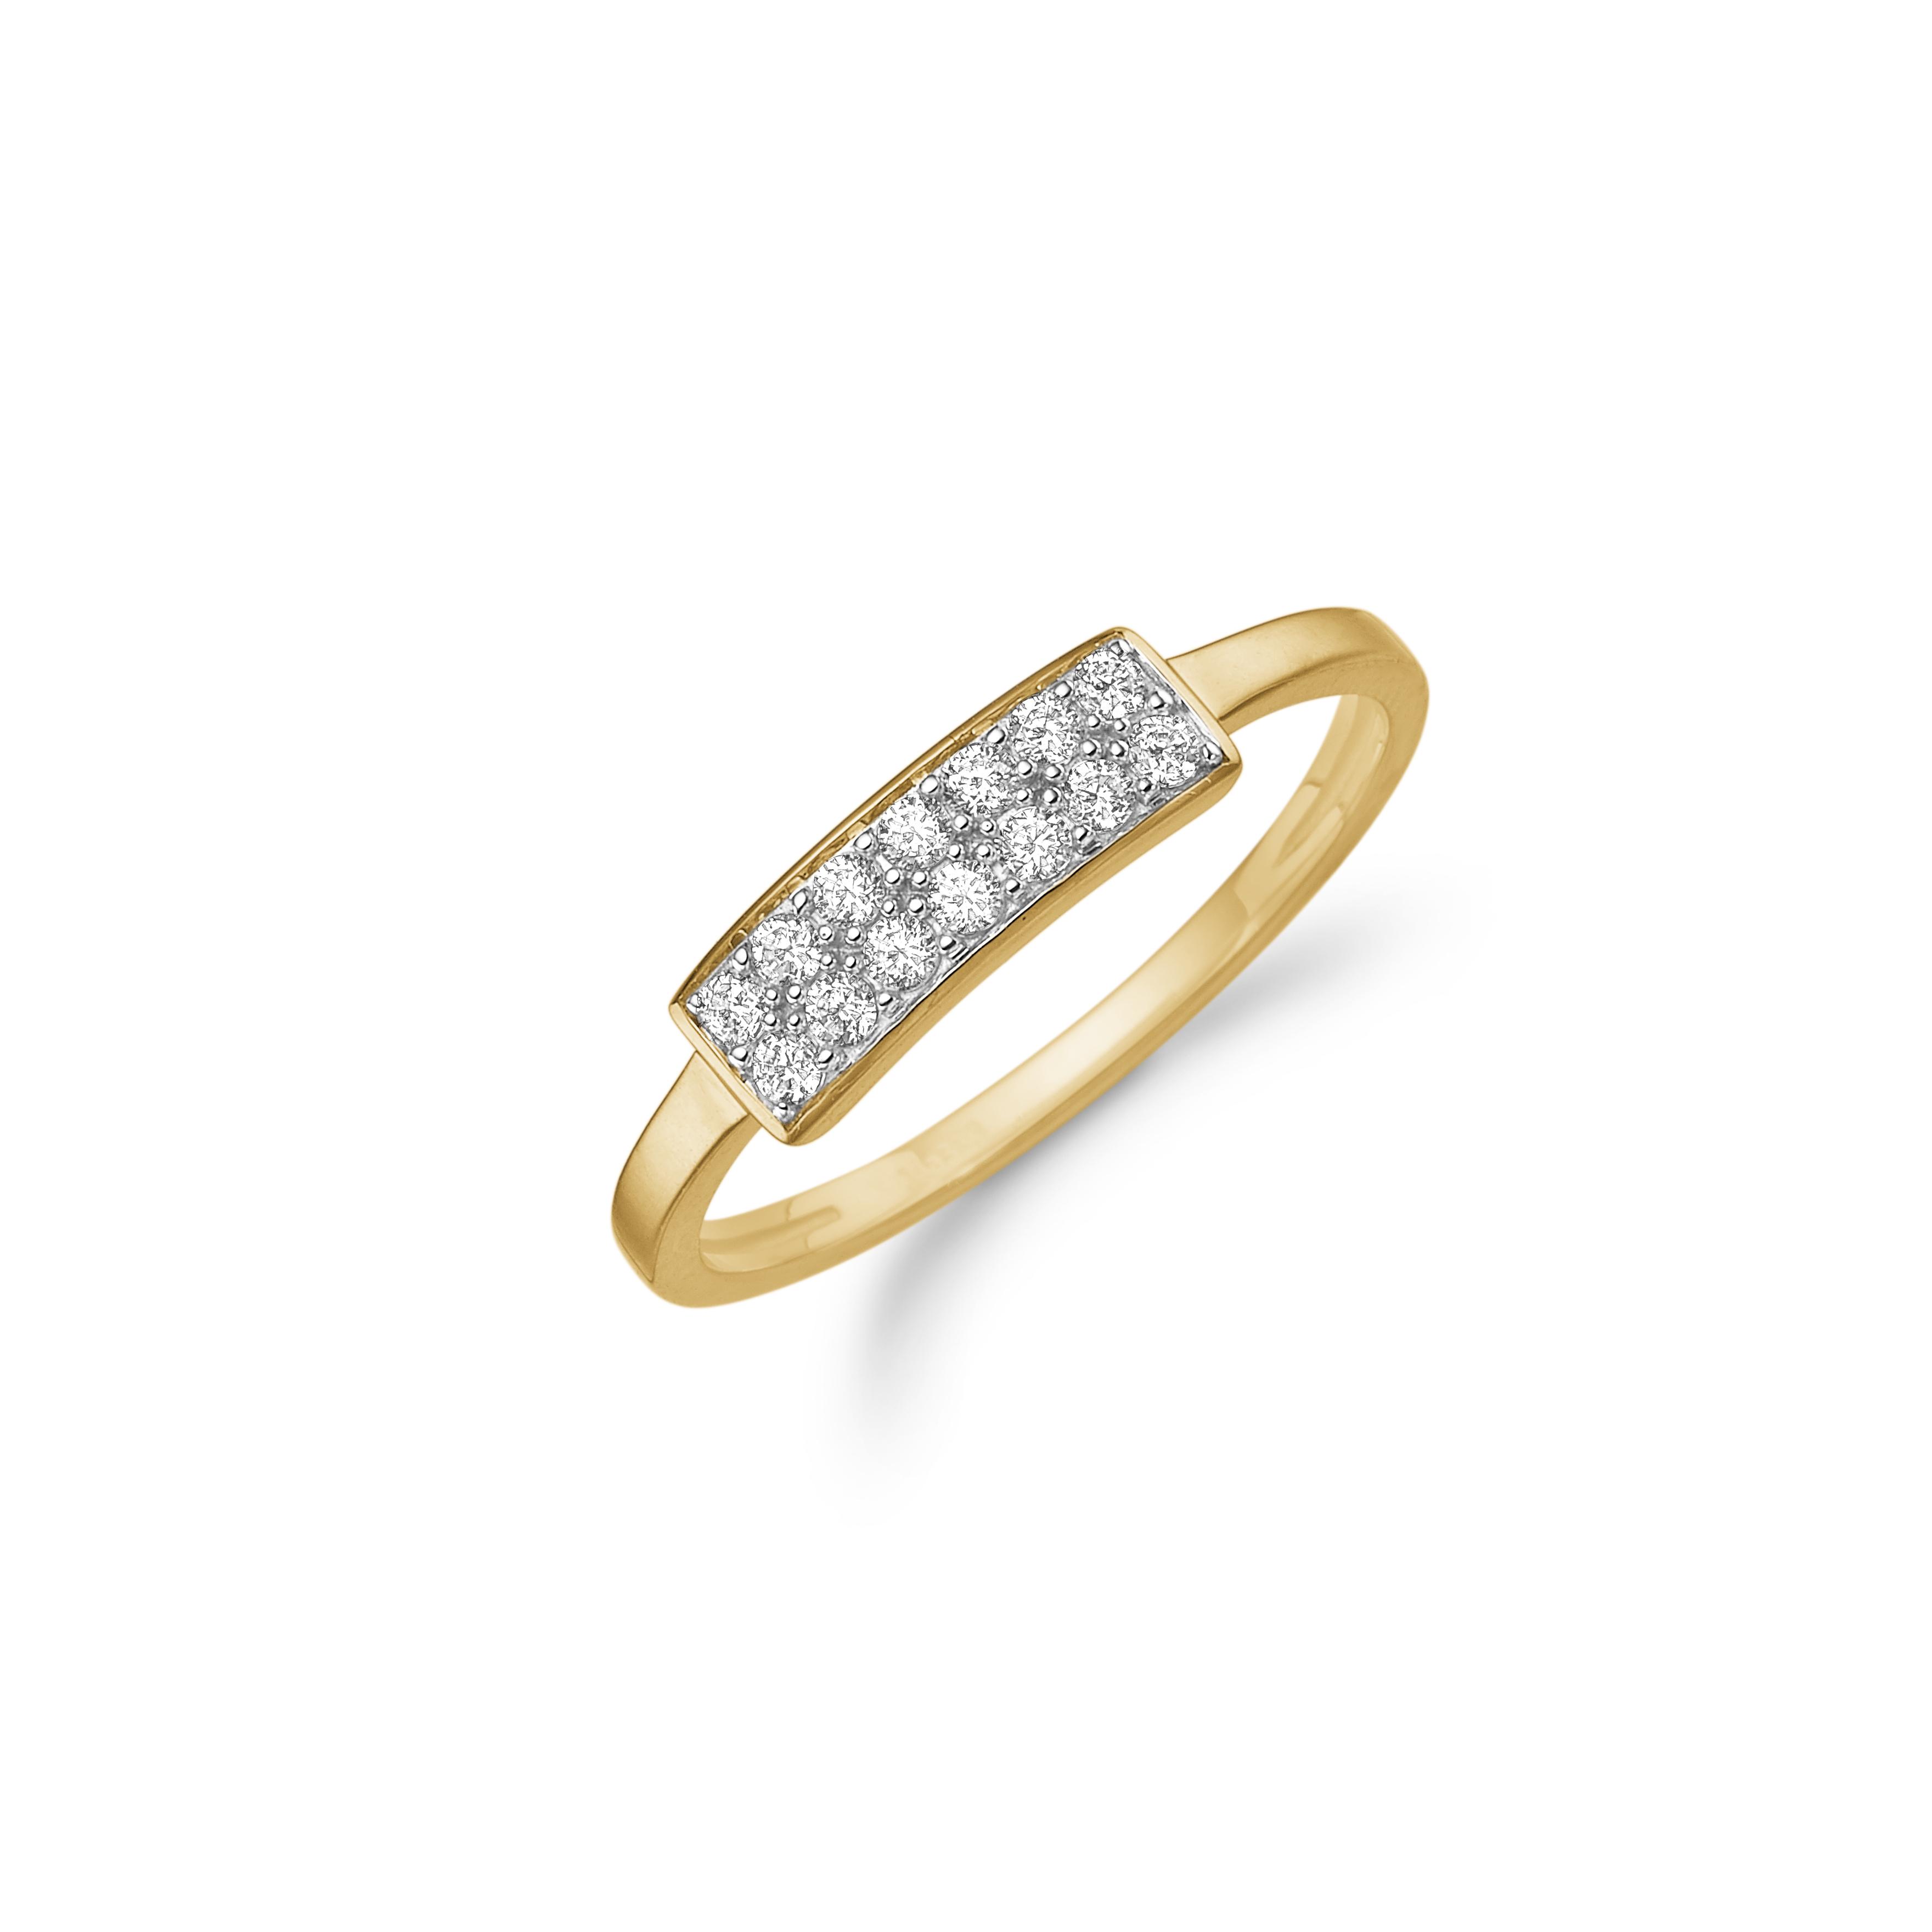 Image of   8 kt ring med zirkonia - 08622286-75 Størrelse 52